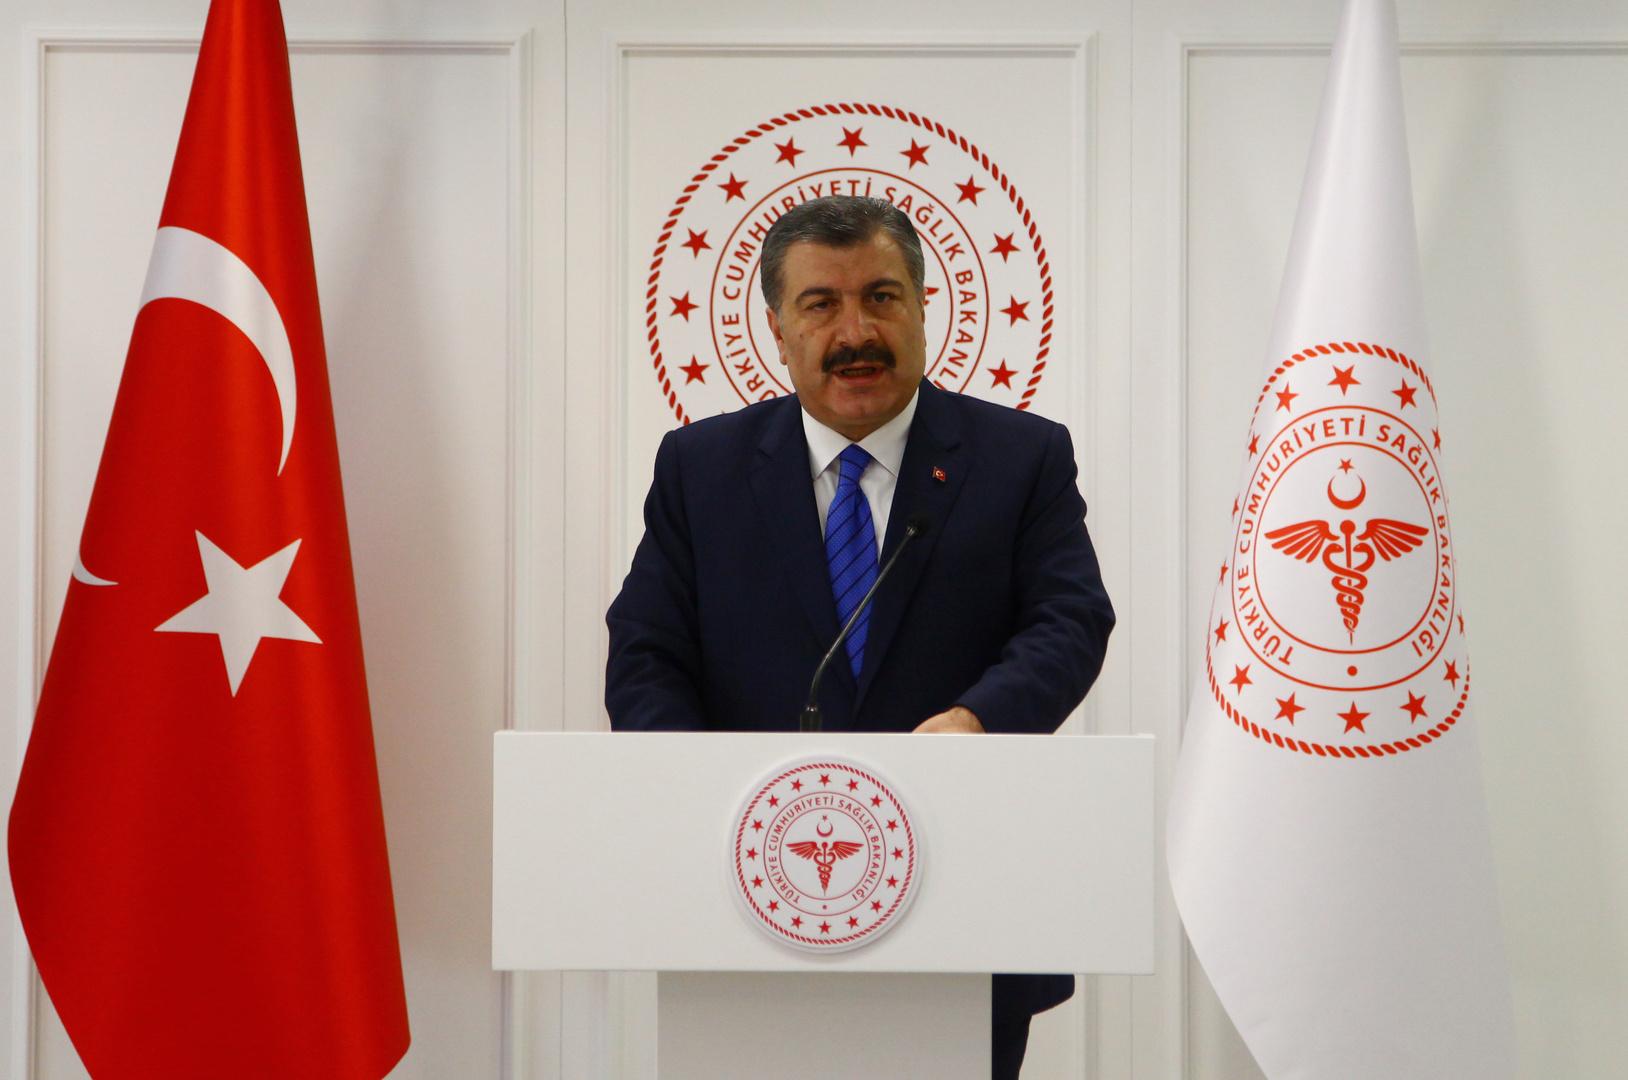 تركيا تعلن البدء برفع قيود كورونا تدريجيا مطلع مارس